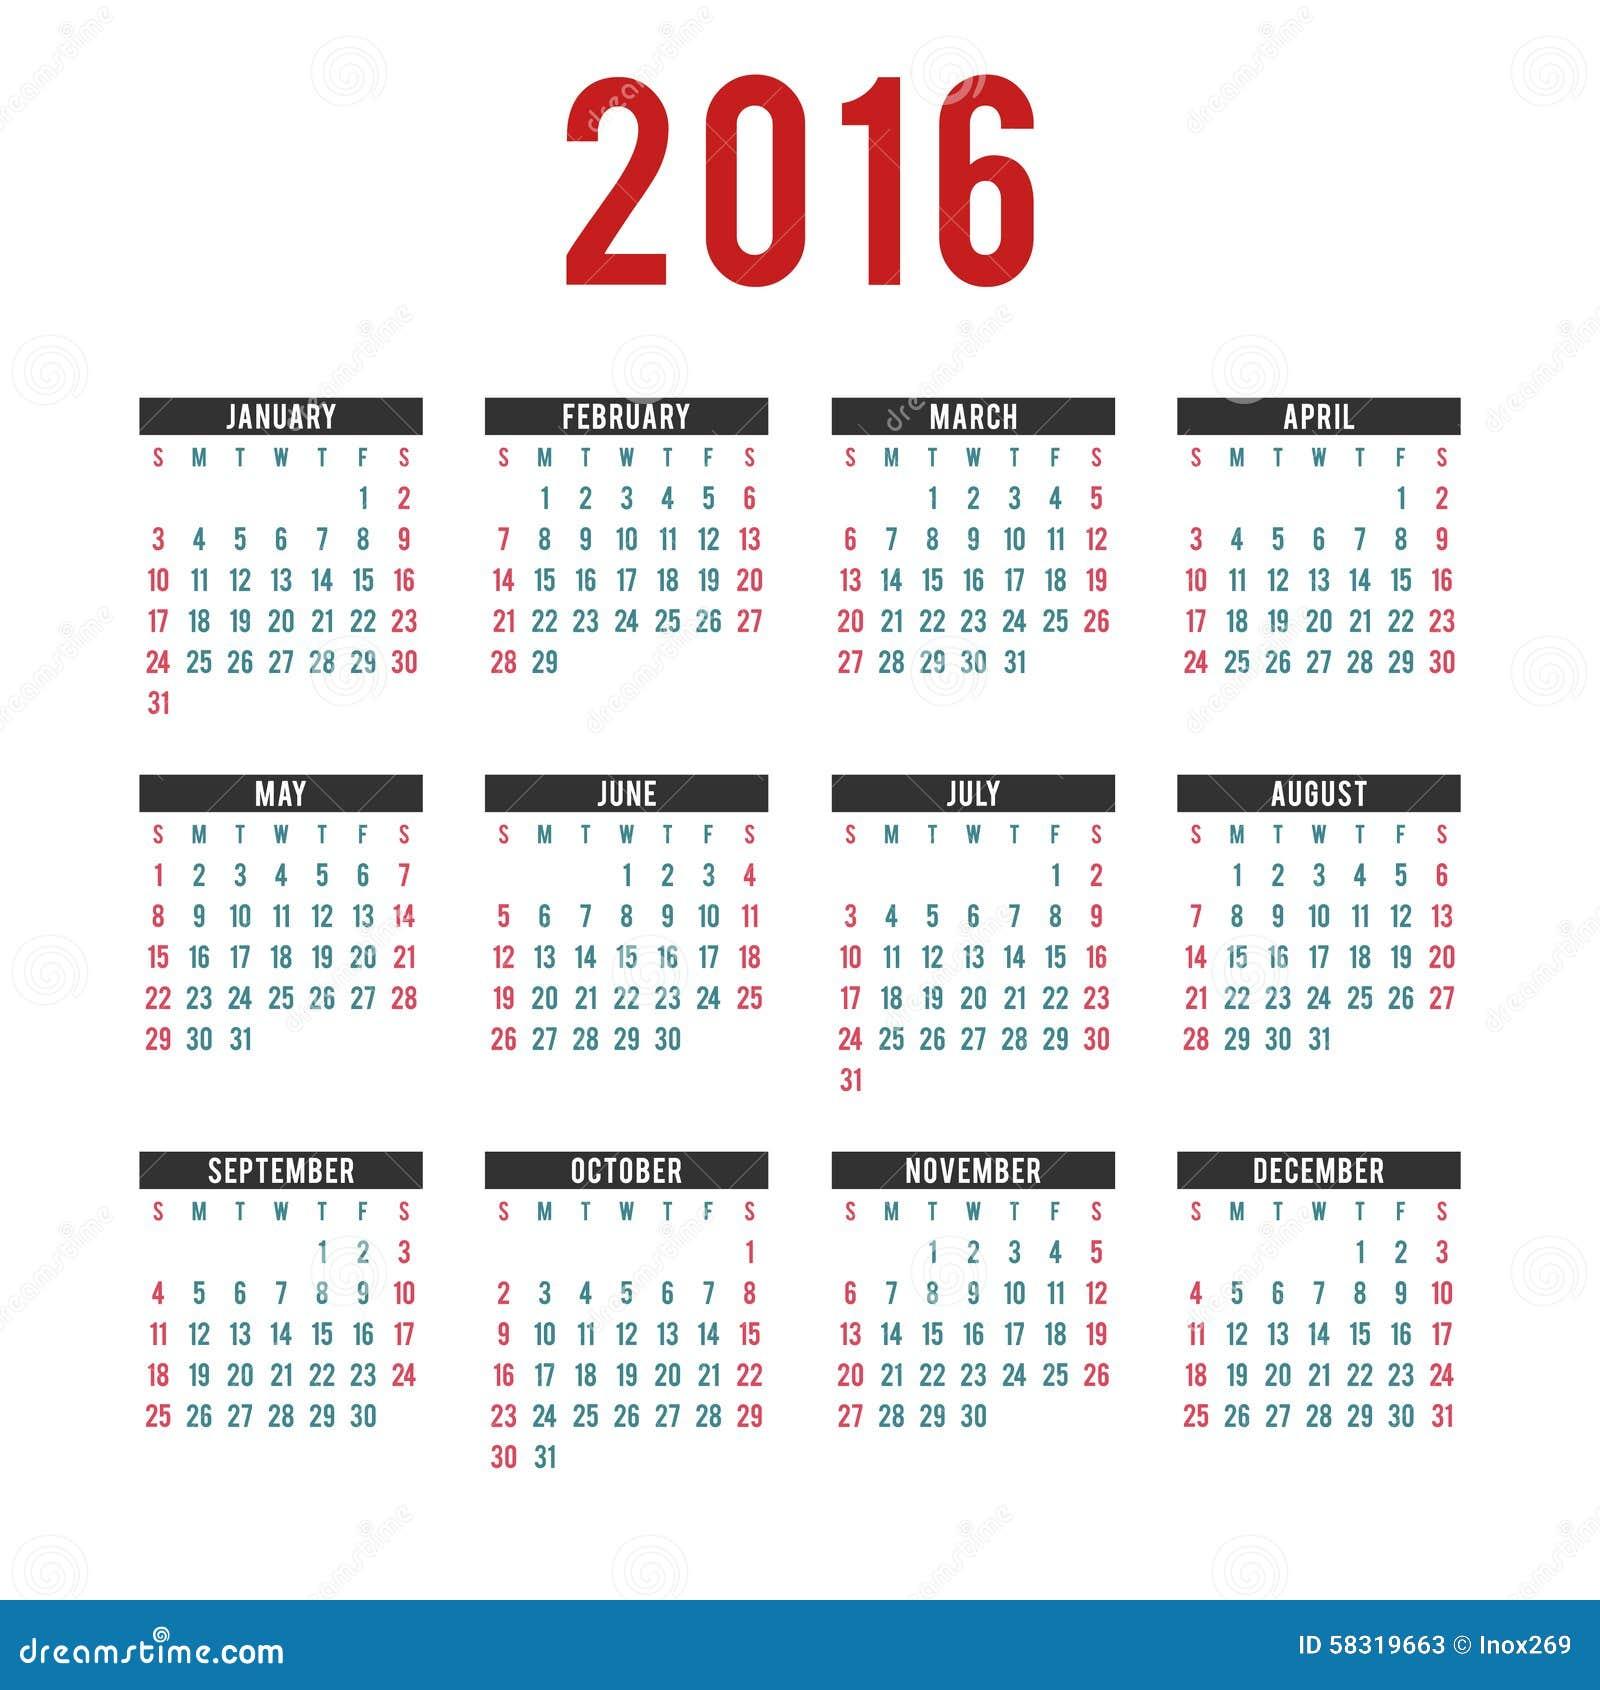 Calendar Template Vector : Vector calendar templates stock image